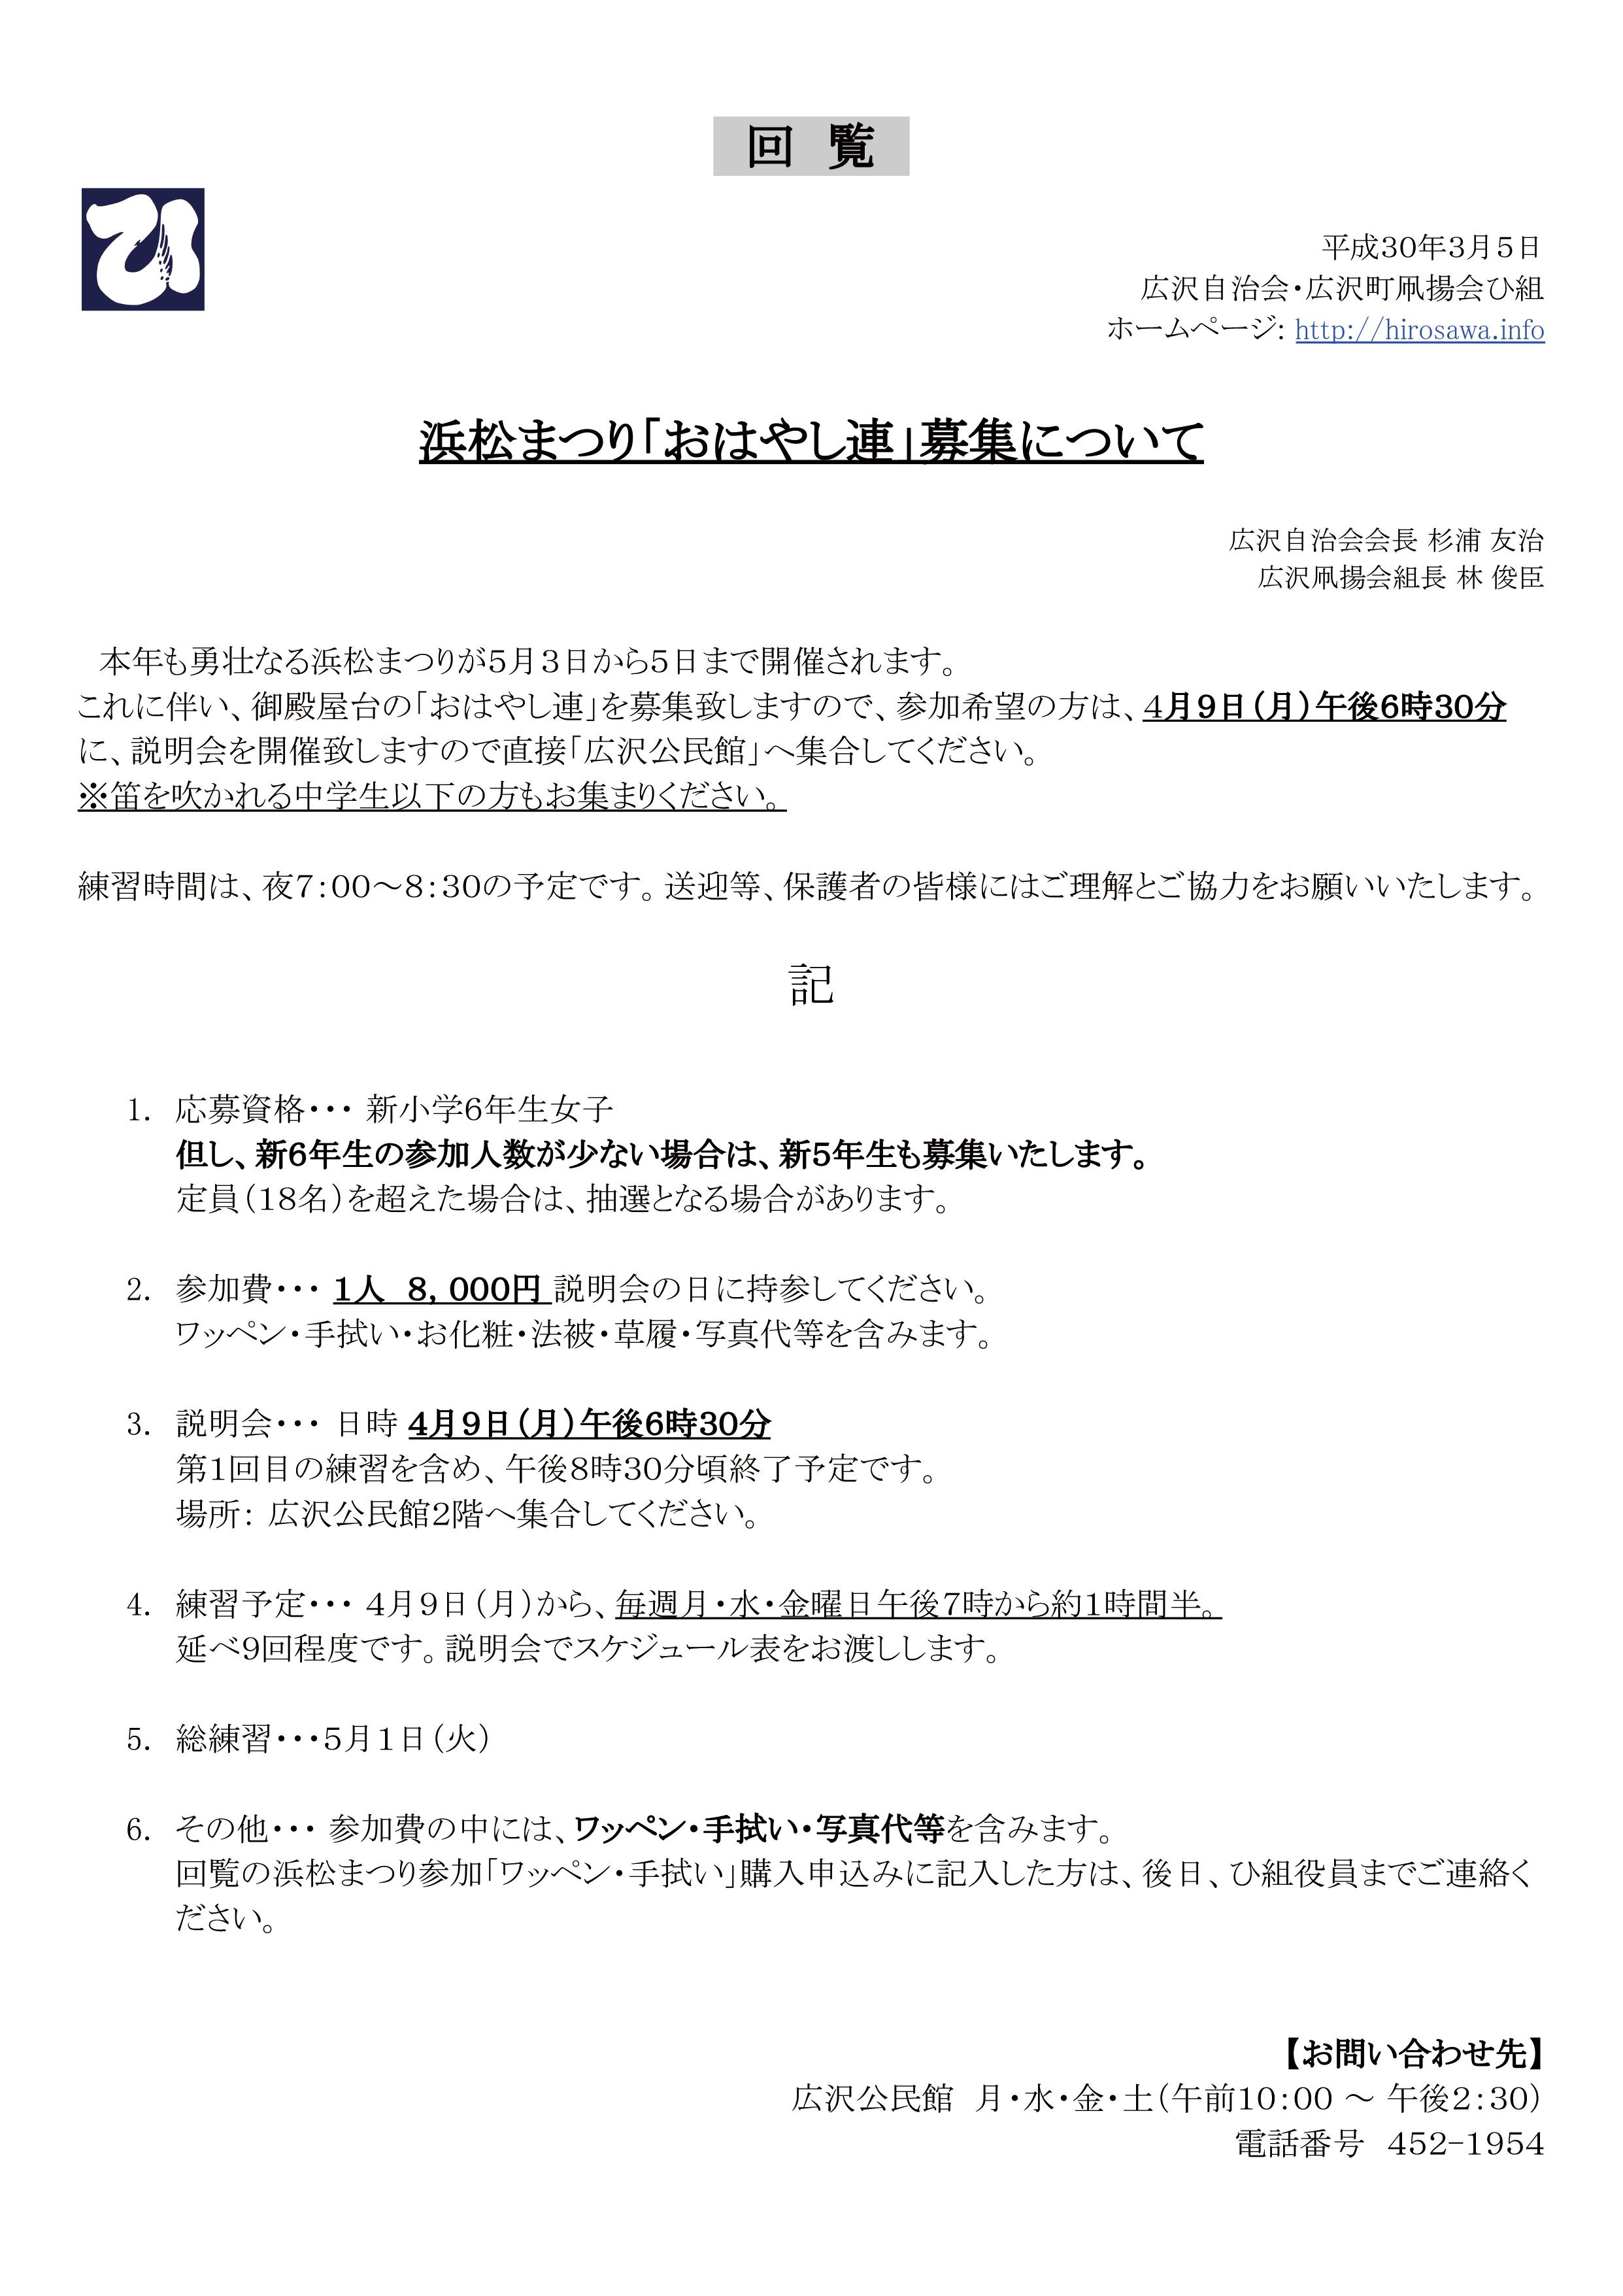 【回覧】浜松まつり「おはやし連」募集について